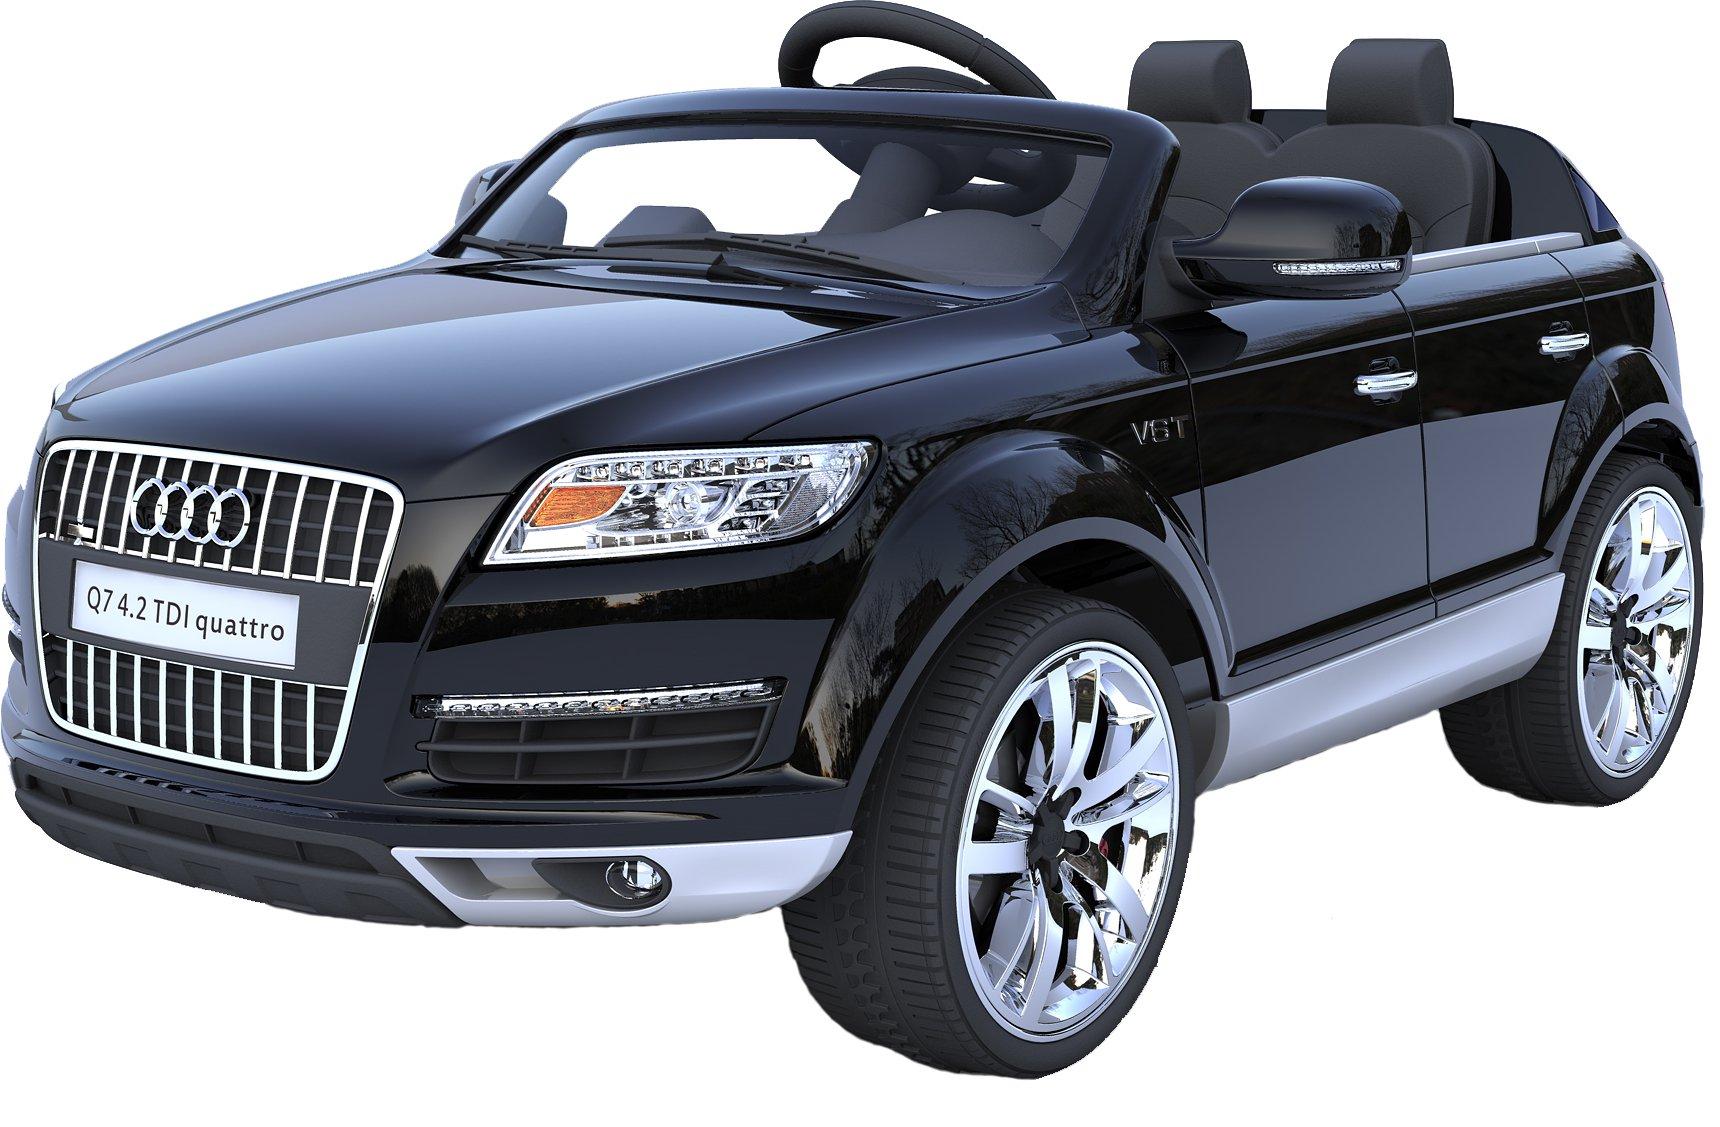 1ff0c456bf9 proexpo.nu - Elbil Audi Q7 12 volt med fjärrkontroll & riktiga gummihjul